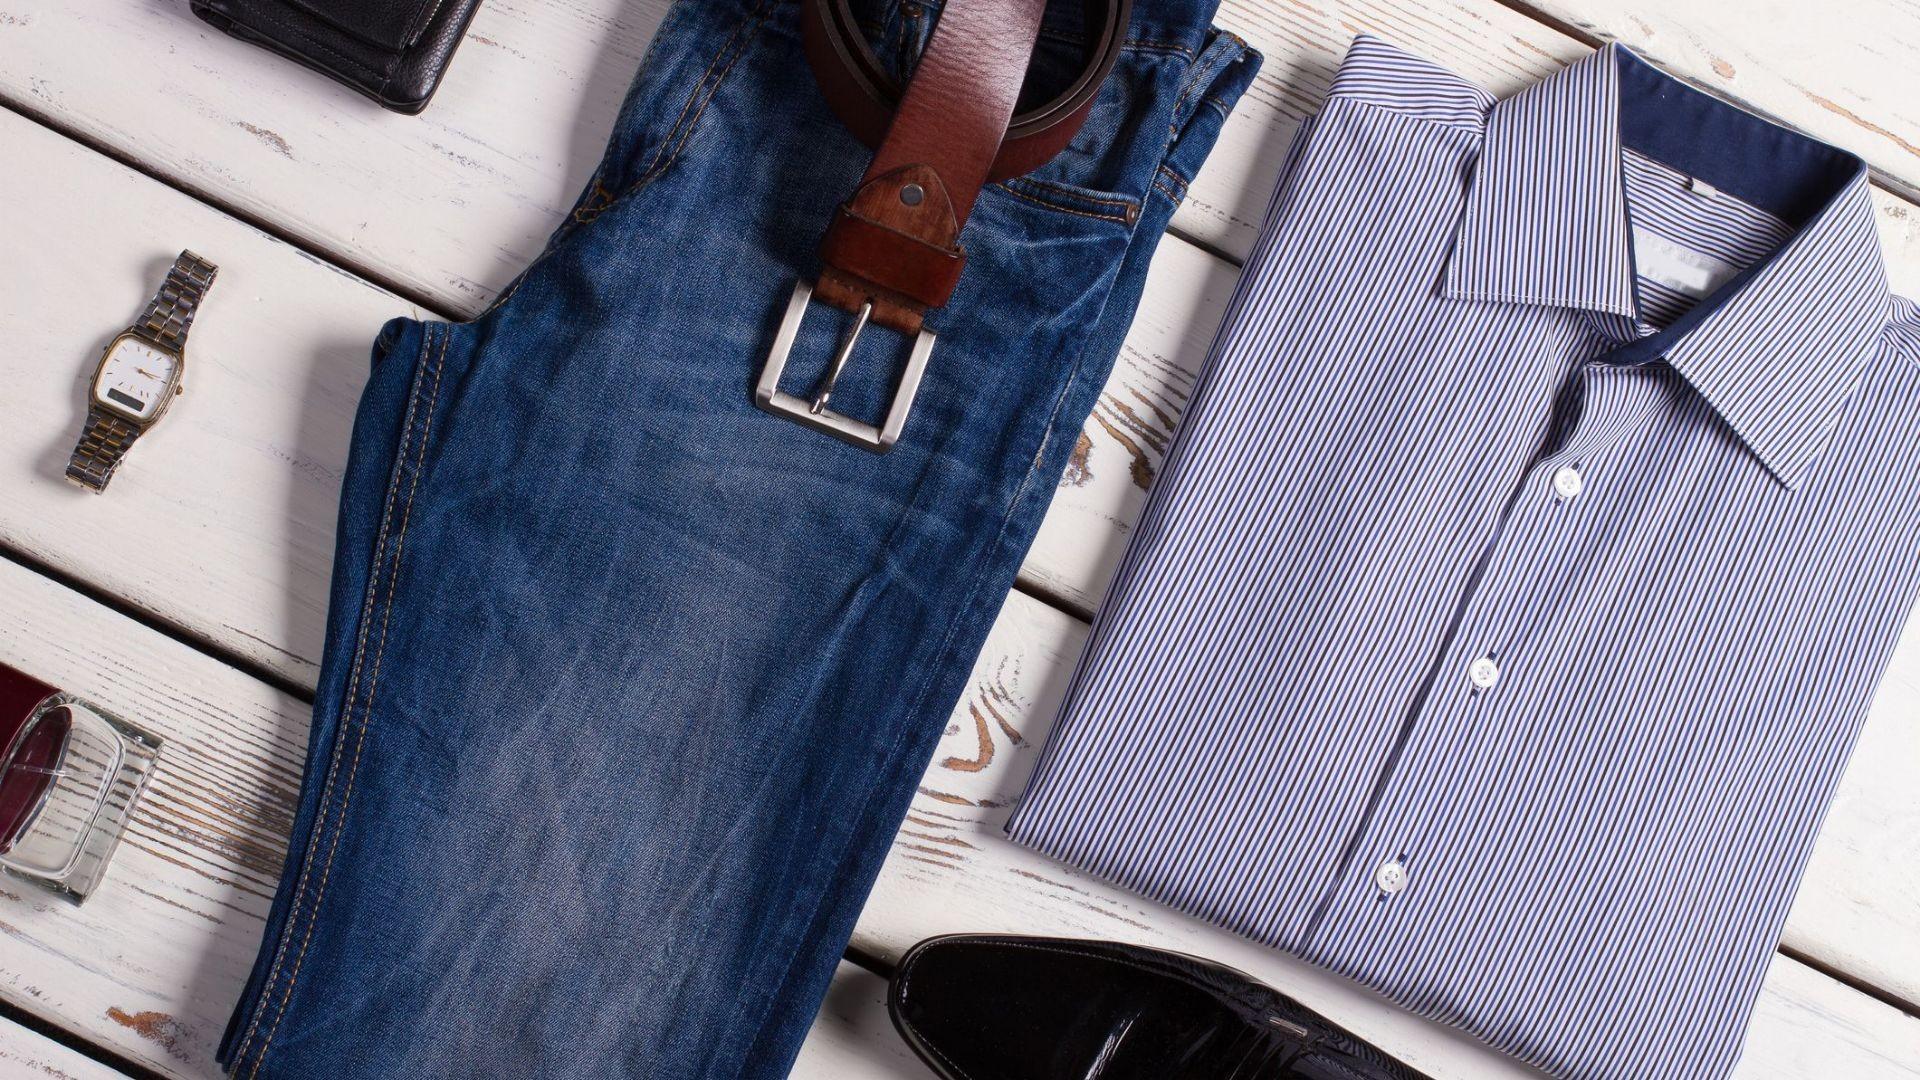 Moda para hombre casual en Santander